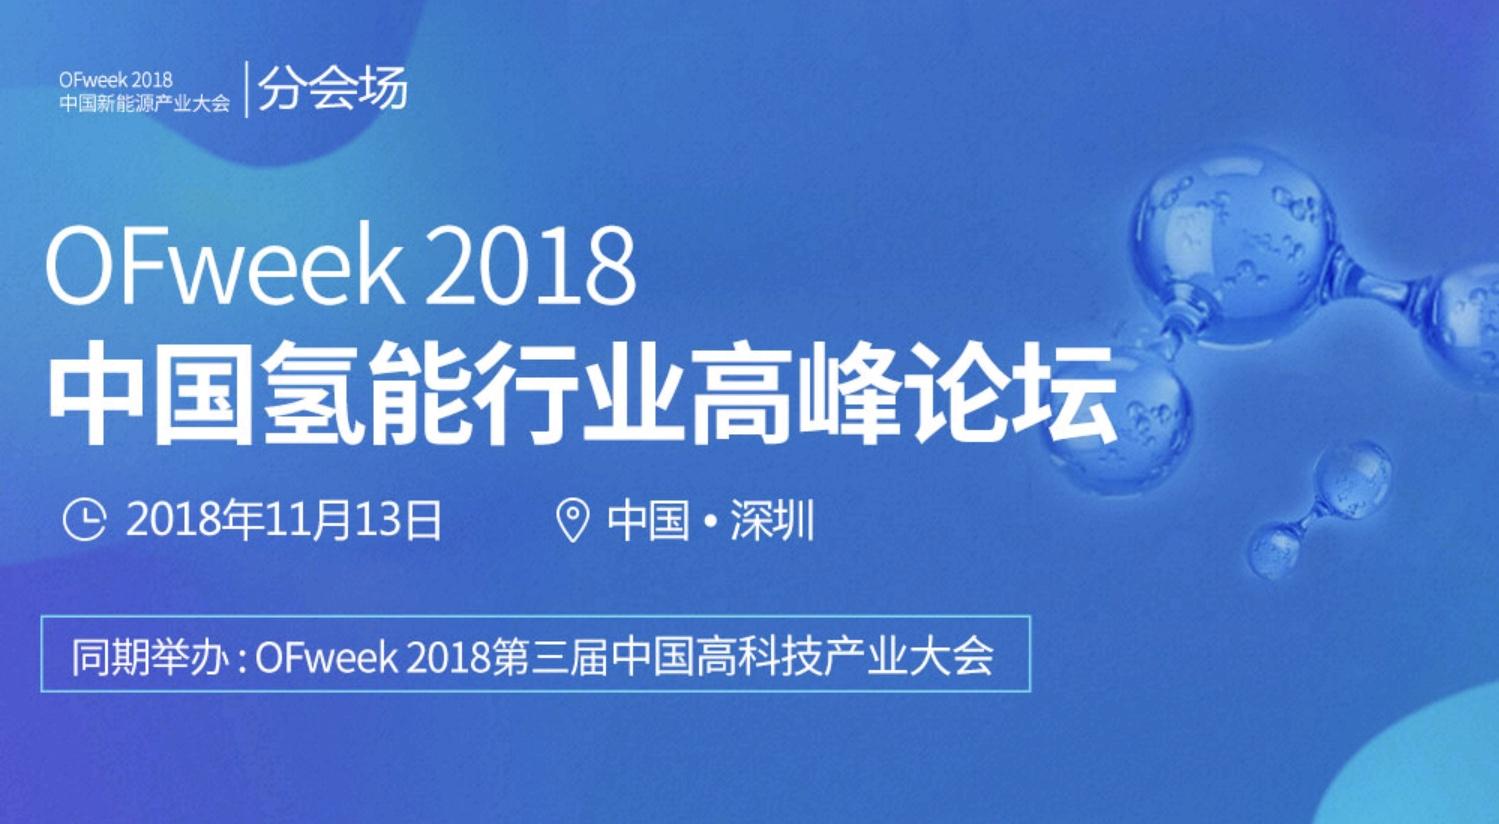 中国地质大教授程寒松将出席OFweek2018中国氢能行业高峰论坛并发表演讲